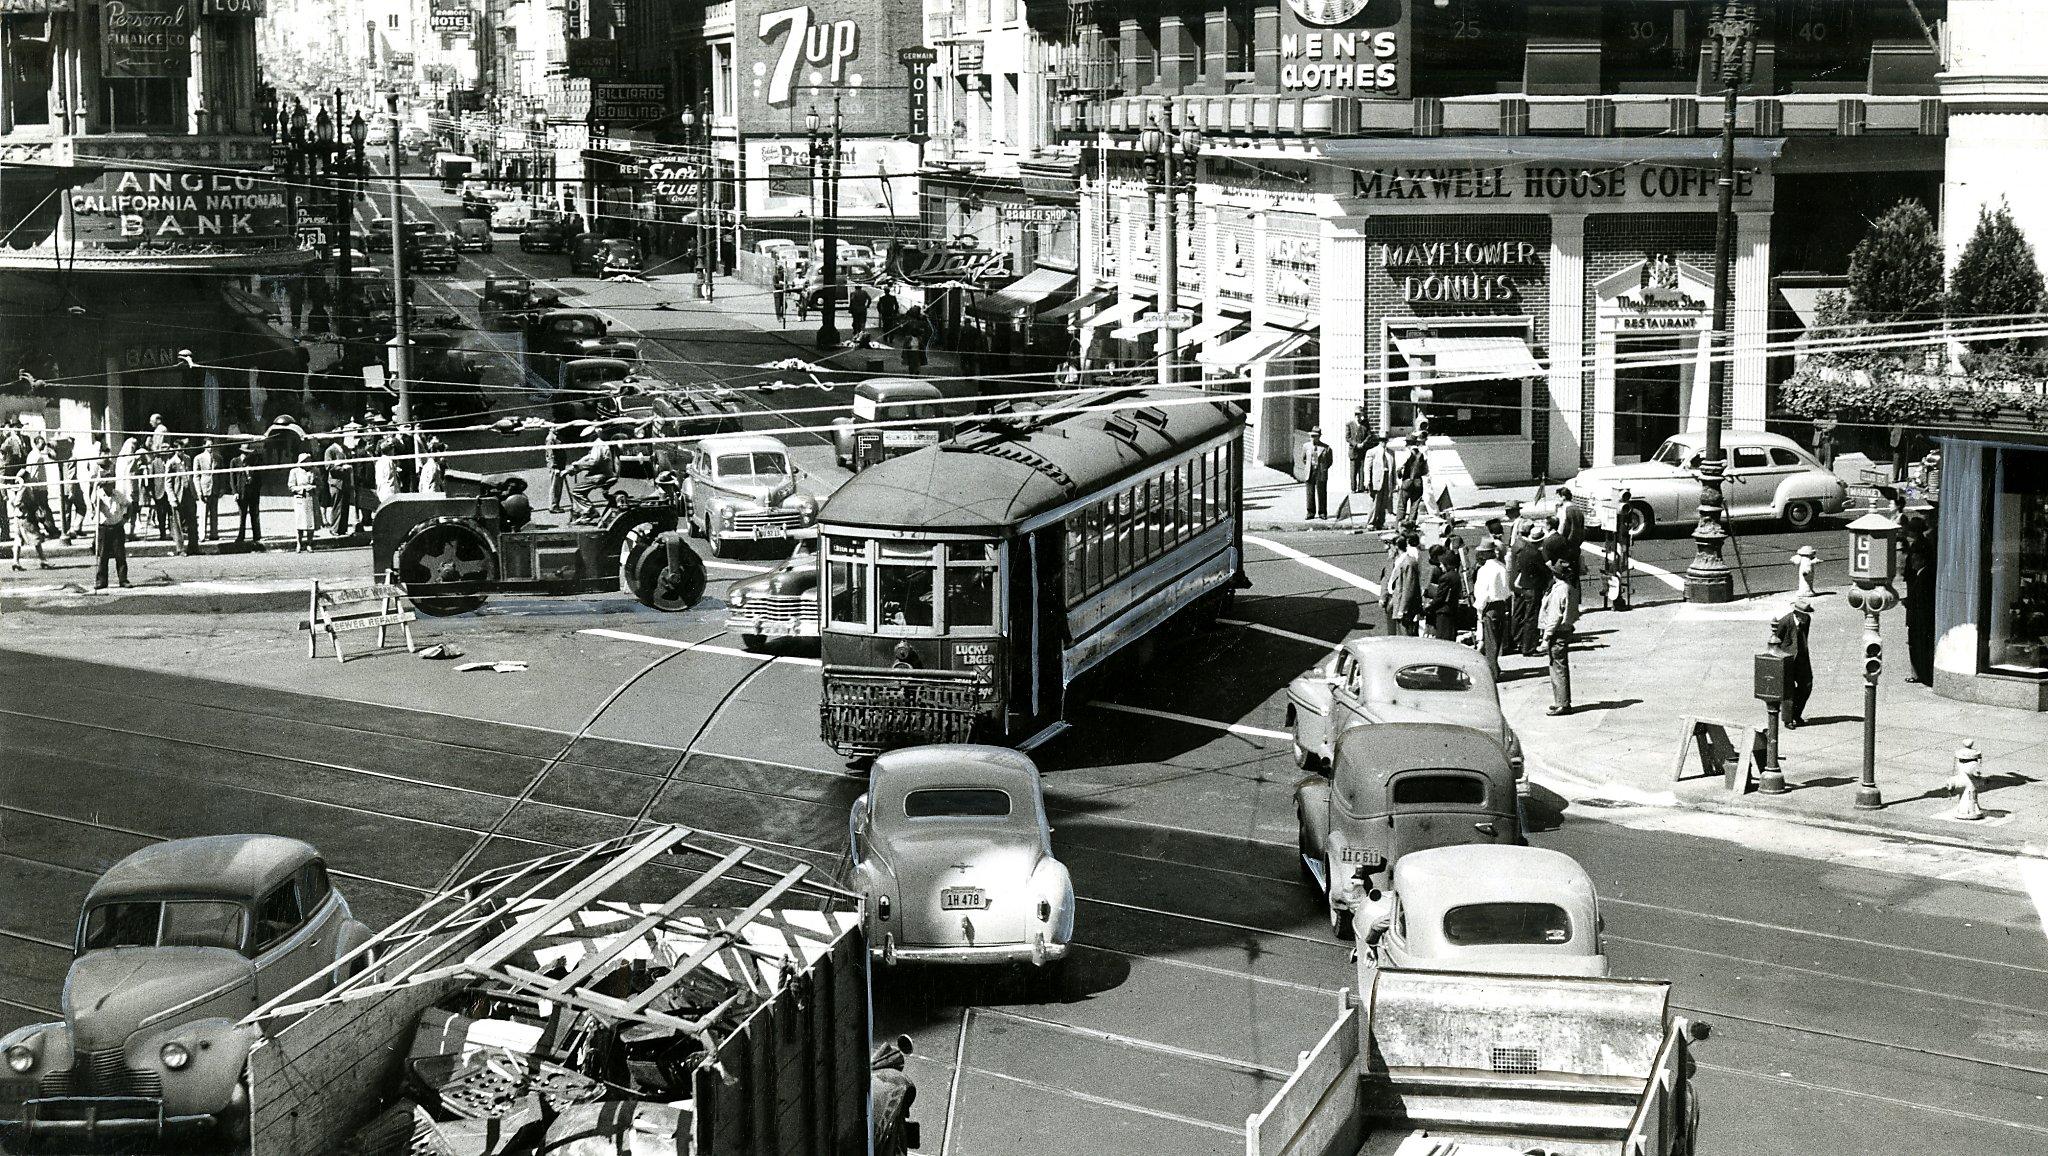 Rare Unseen Downtown San Francisco Photos Show City Life